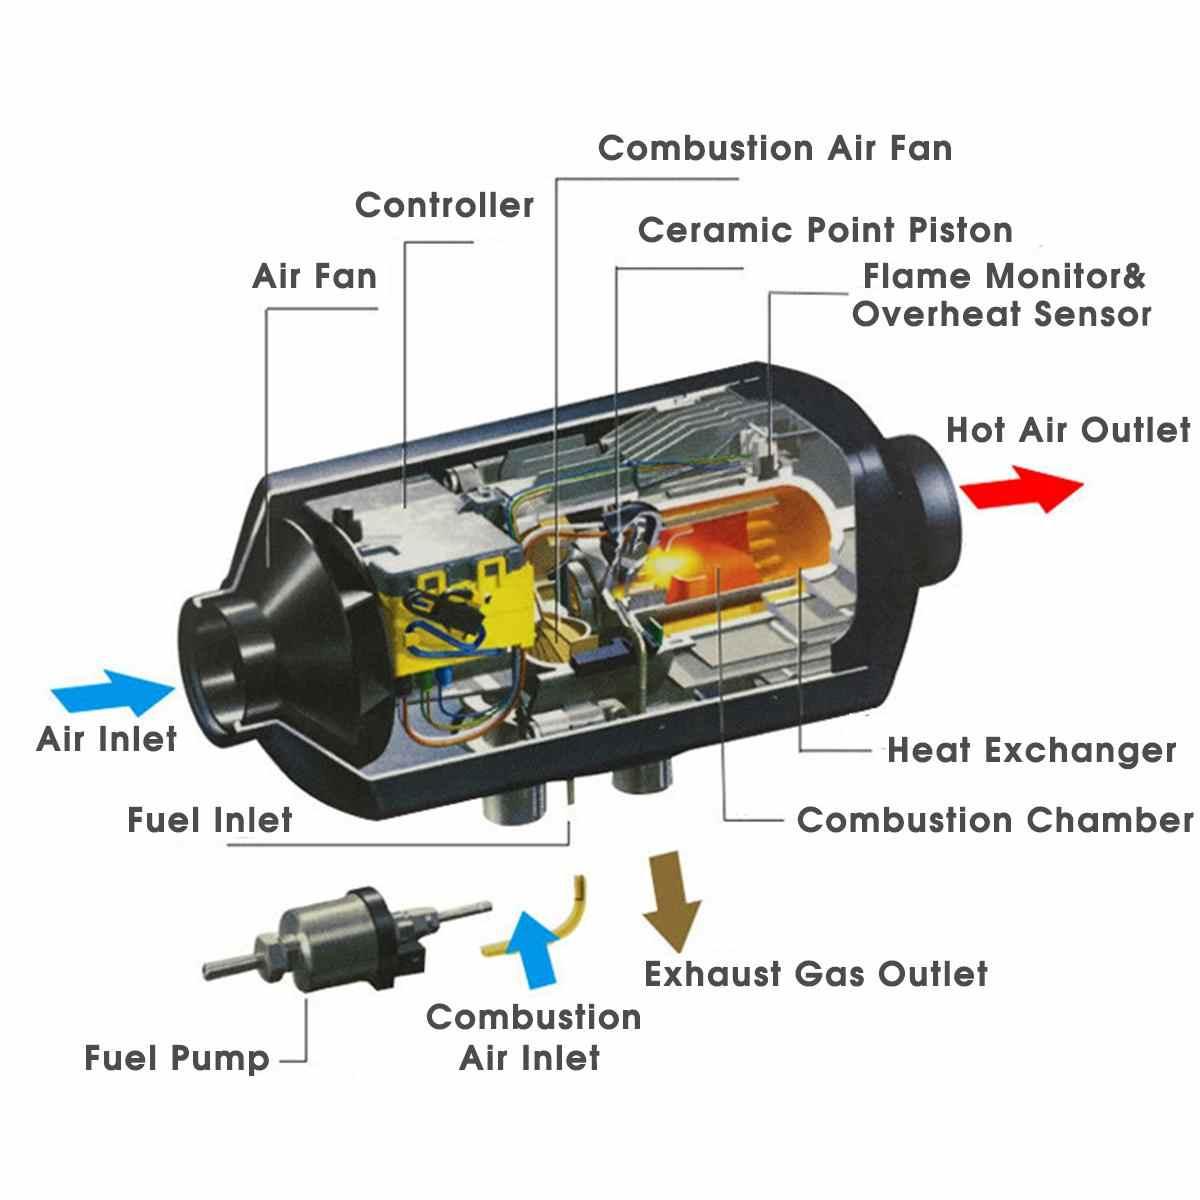 4-Hole منفذ الهواء 5000 واط 12 فولت/24 فولت الهواء مدفأة الديزل سخان التوقف منخفضة الضوضاء مسخن الهواء للسيارة مع شاشات كريستال بلورية التحكم عن بعد